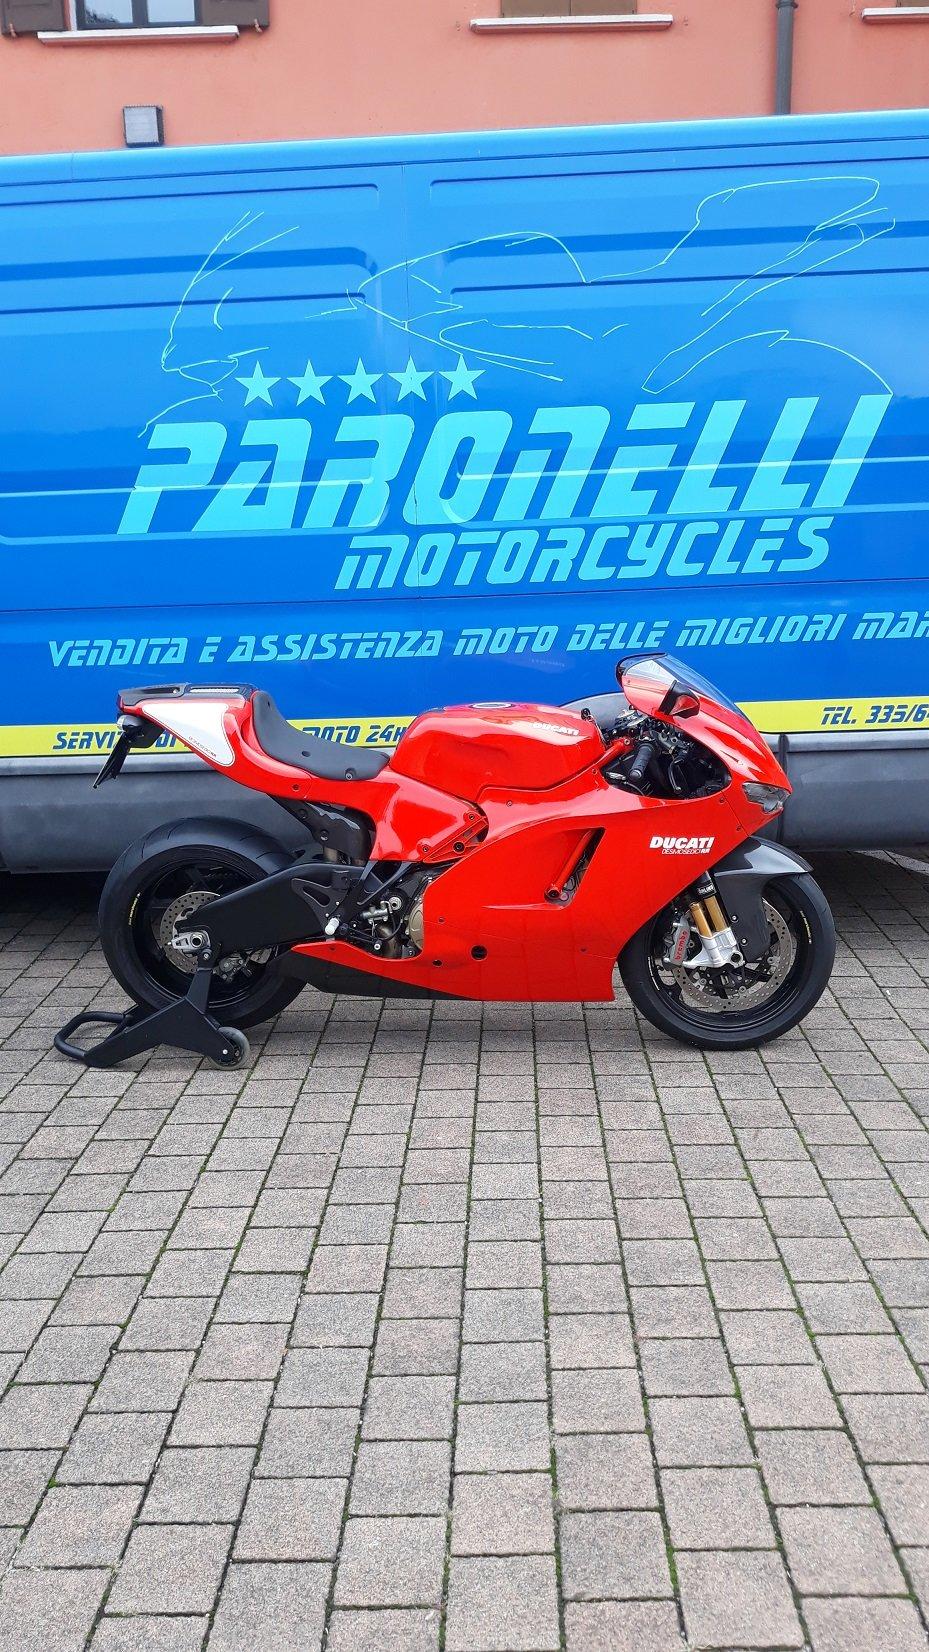 2006 Ducati desmo 16rr For Sale (picture 1 of 2)